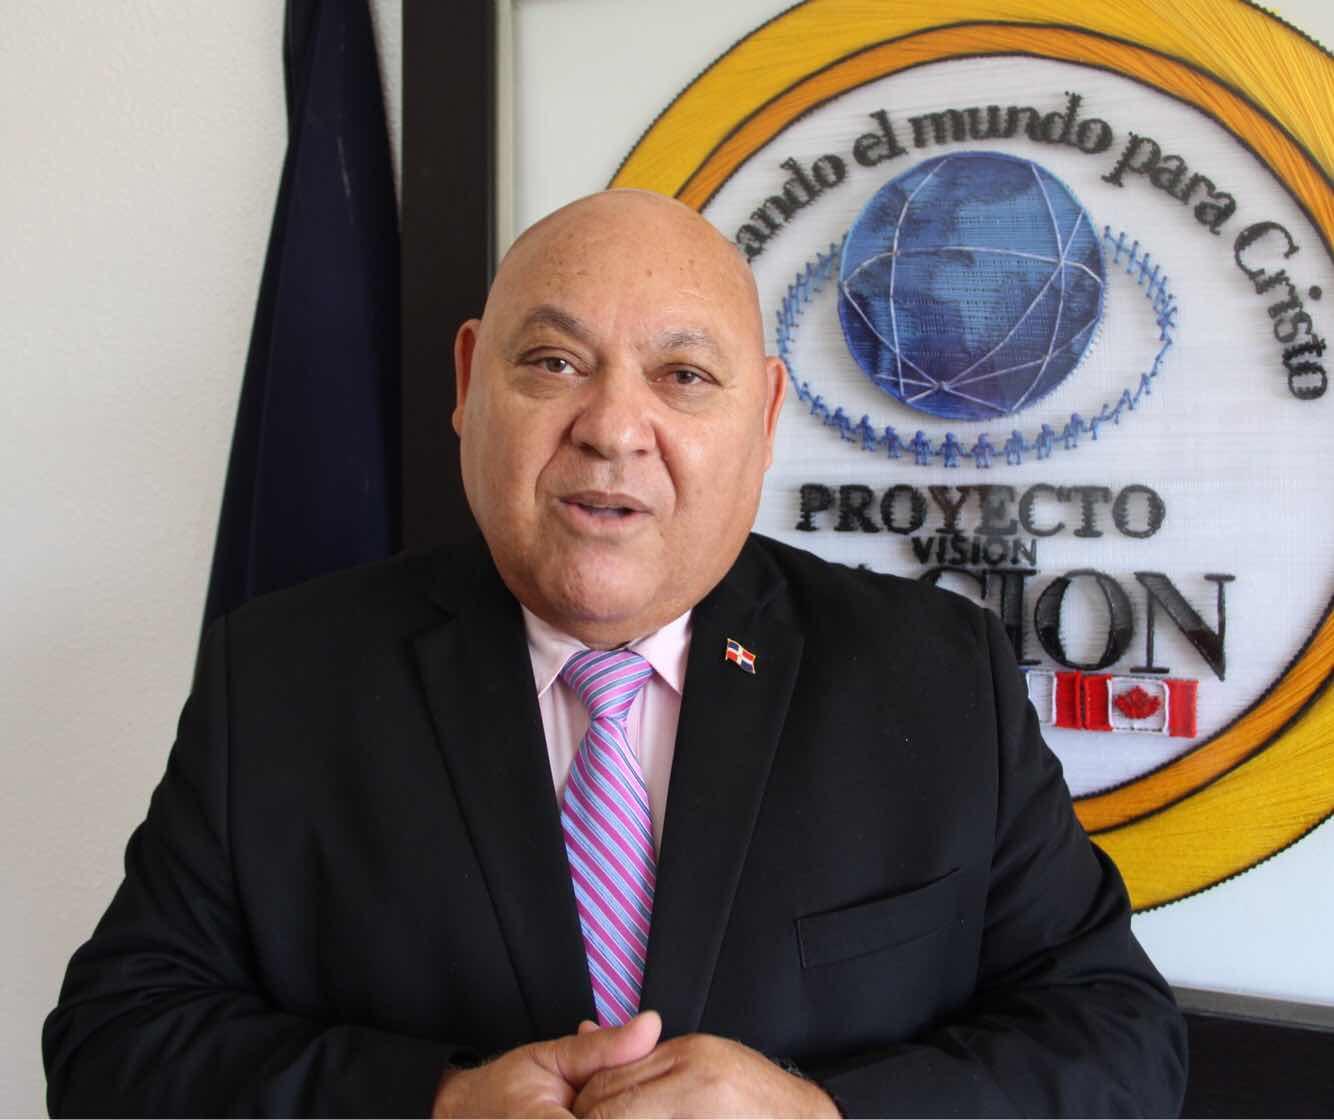 Candidato presidencial del PVN pide a Cámara de Cuentas auditar el gobierno completo por escándalos de corrupción